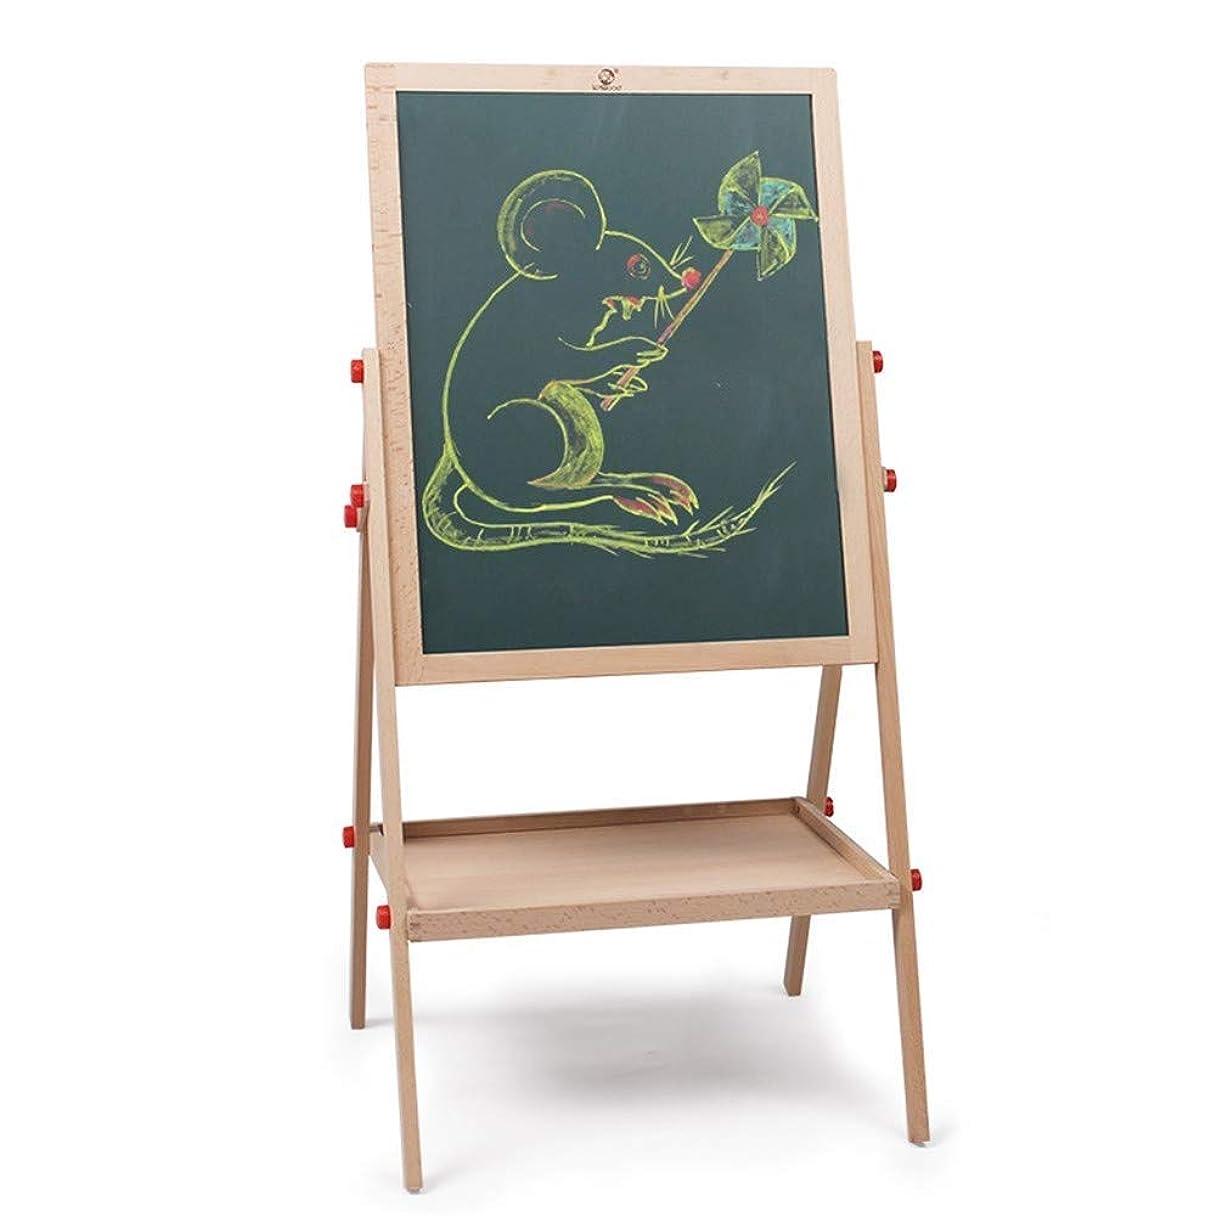 共和党十分失うROLLLKJ 小さい子供および幼児のための両面の木の黒板の永続的な絵画イーゼルは絵画フレームを持ち上げることができます